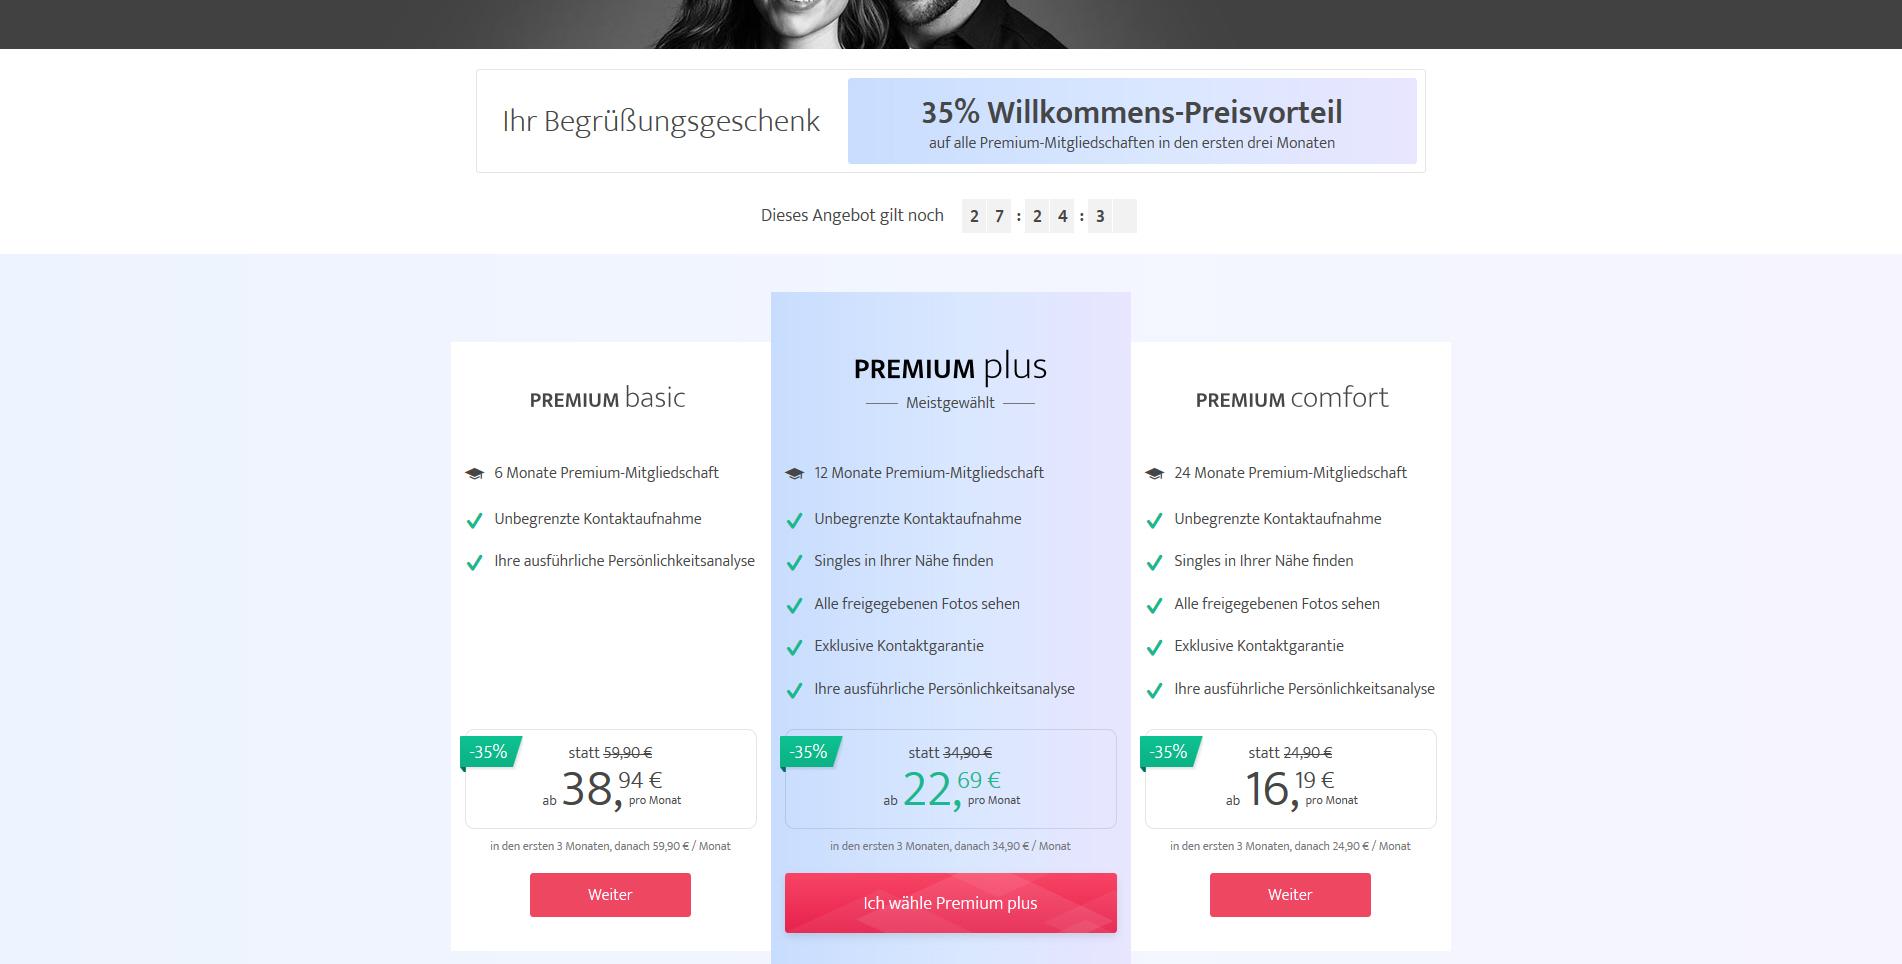 Premium mitgliedschaft edates kosten